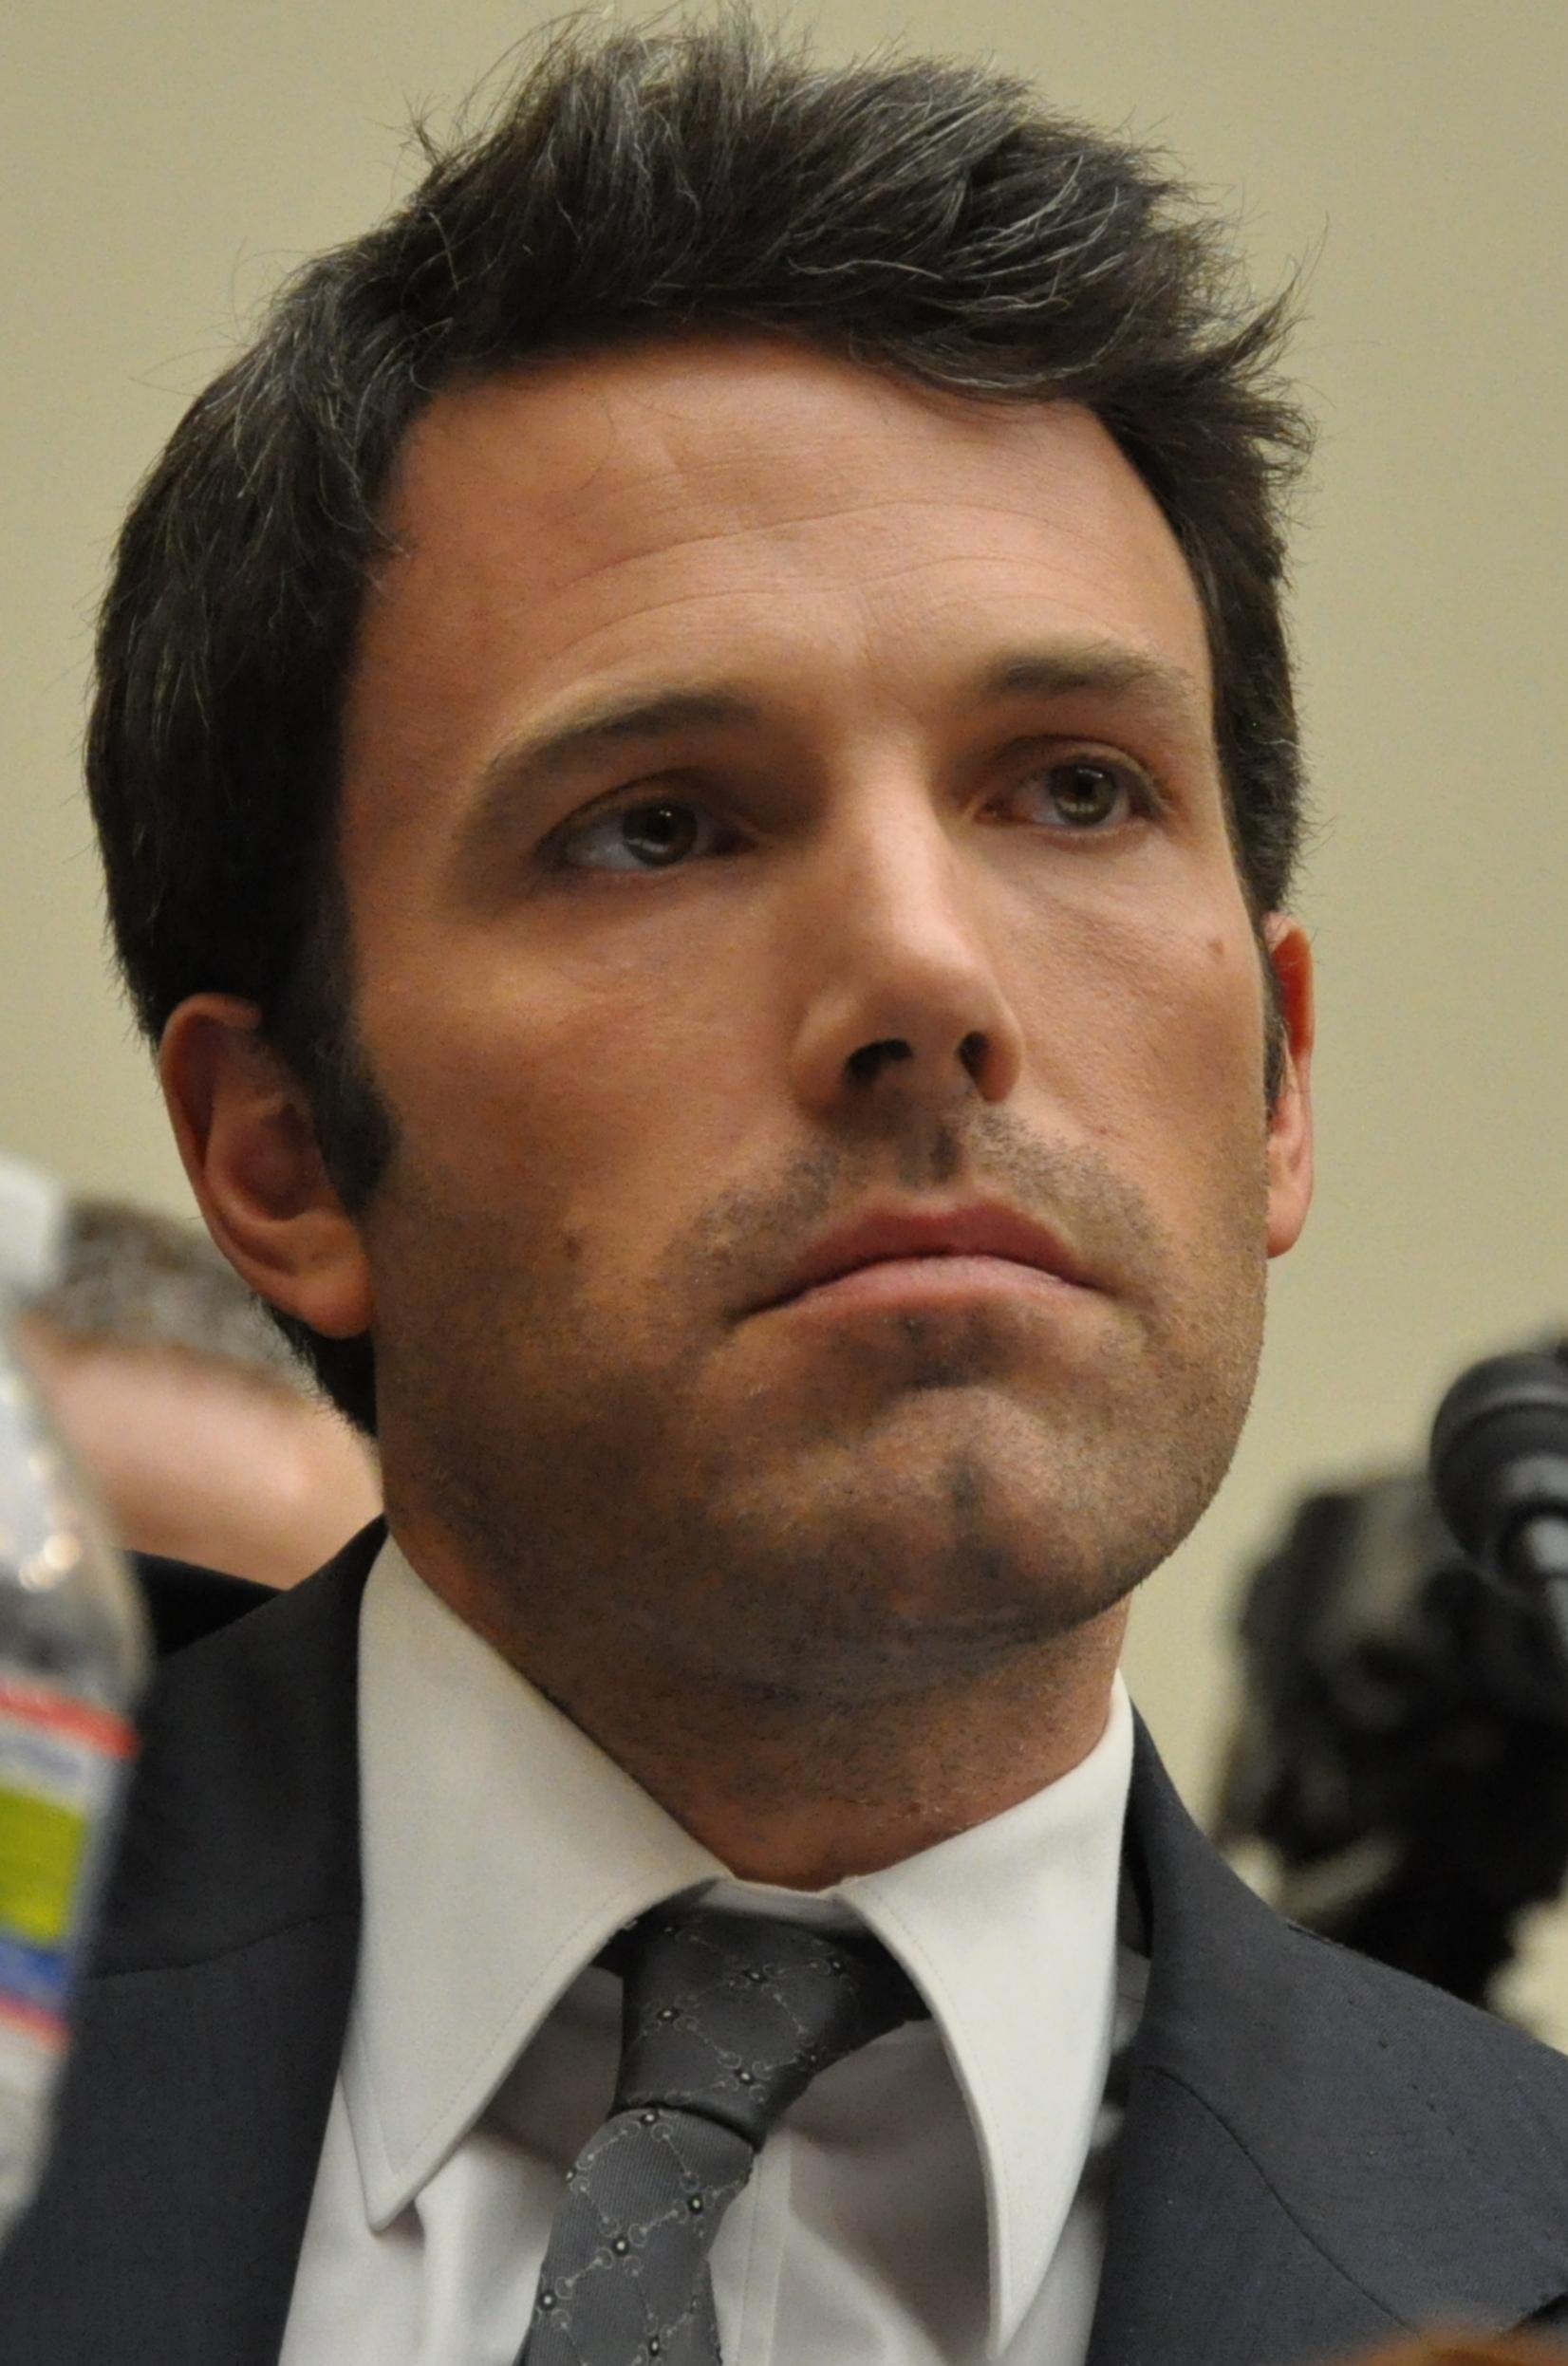 Ben Affleck buys $19 million mansion half a mile from Jennifer Garner